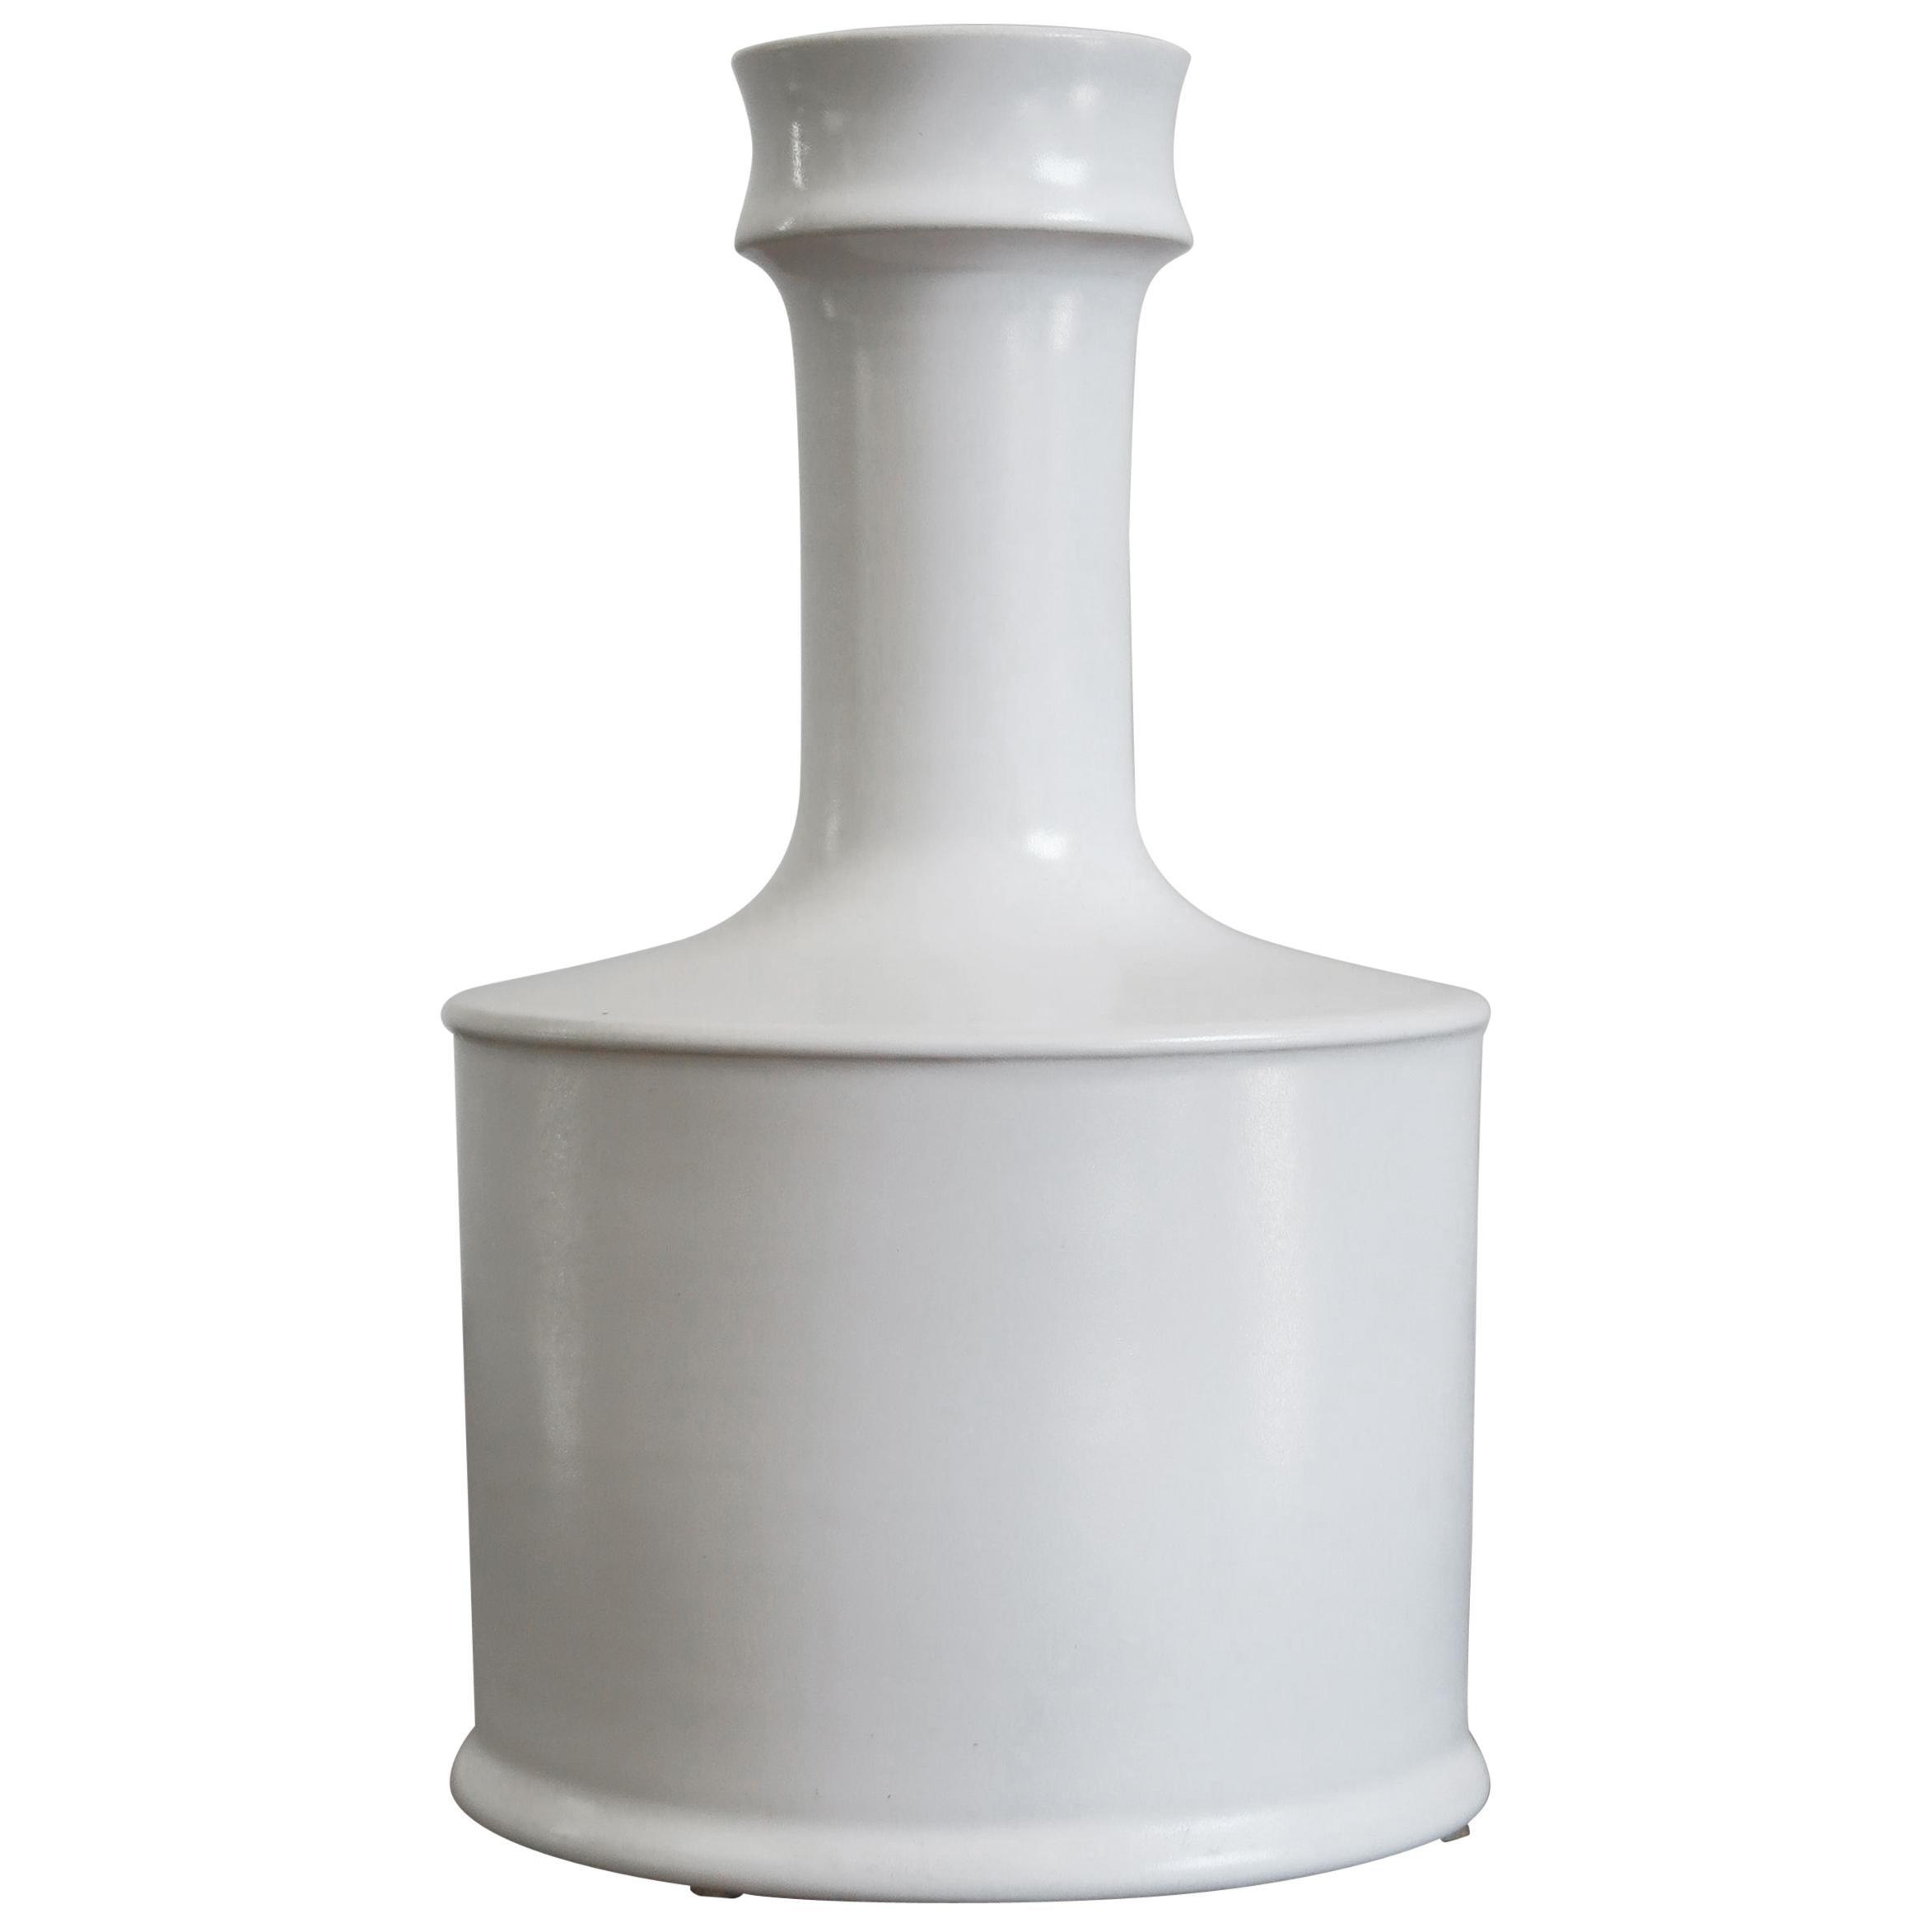 Franco Bucci Italian White Ceramic Bottle Vase, 1970s